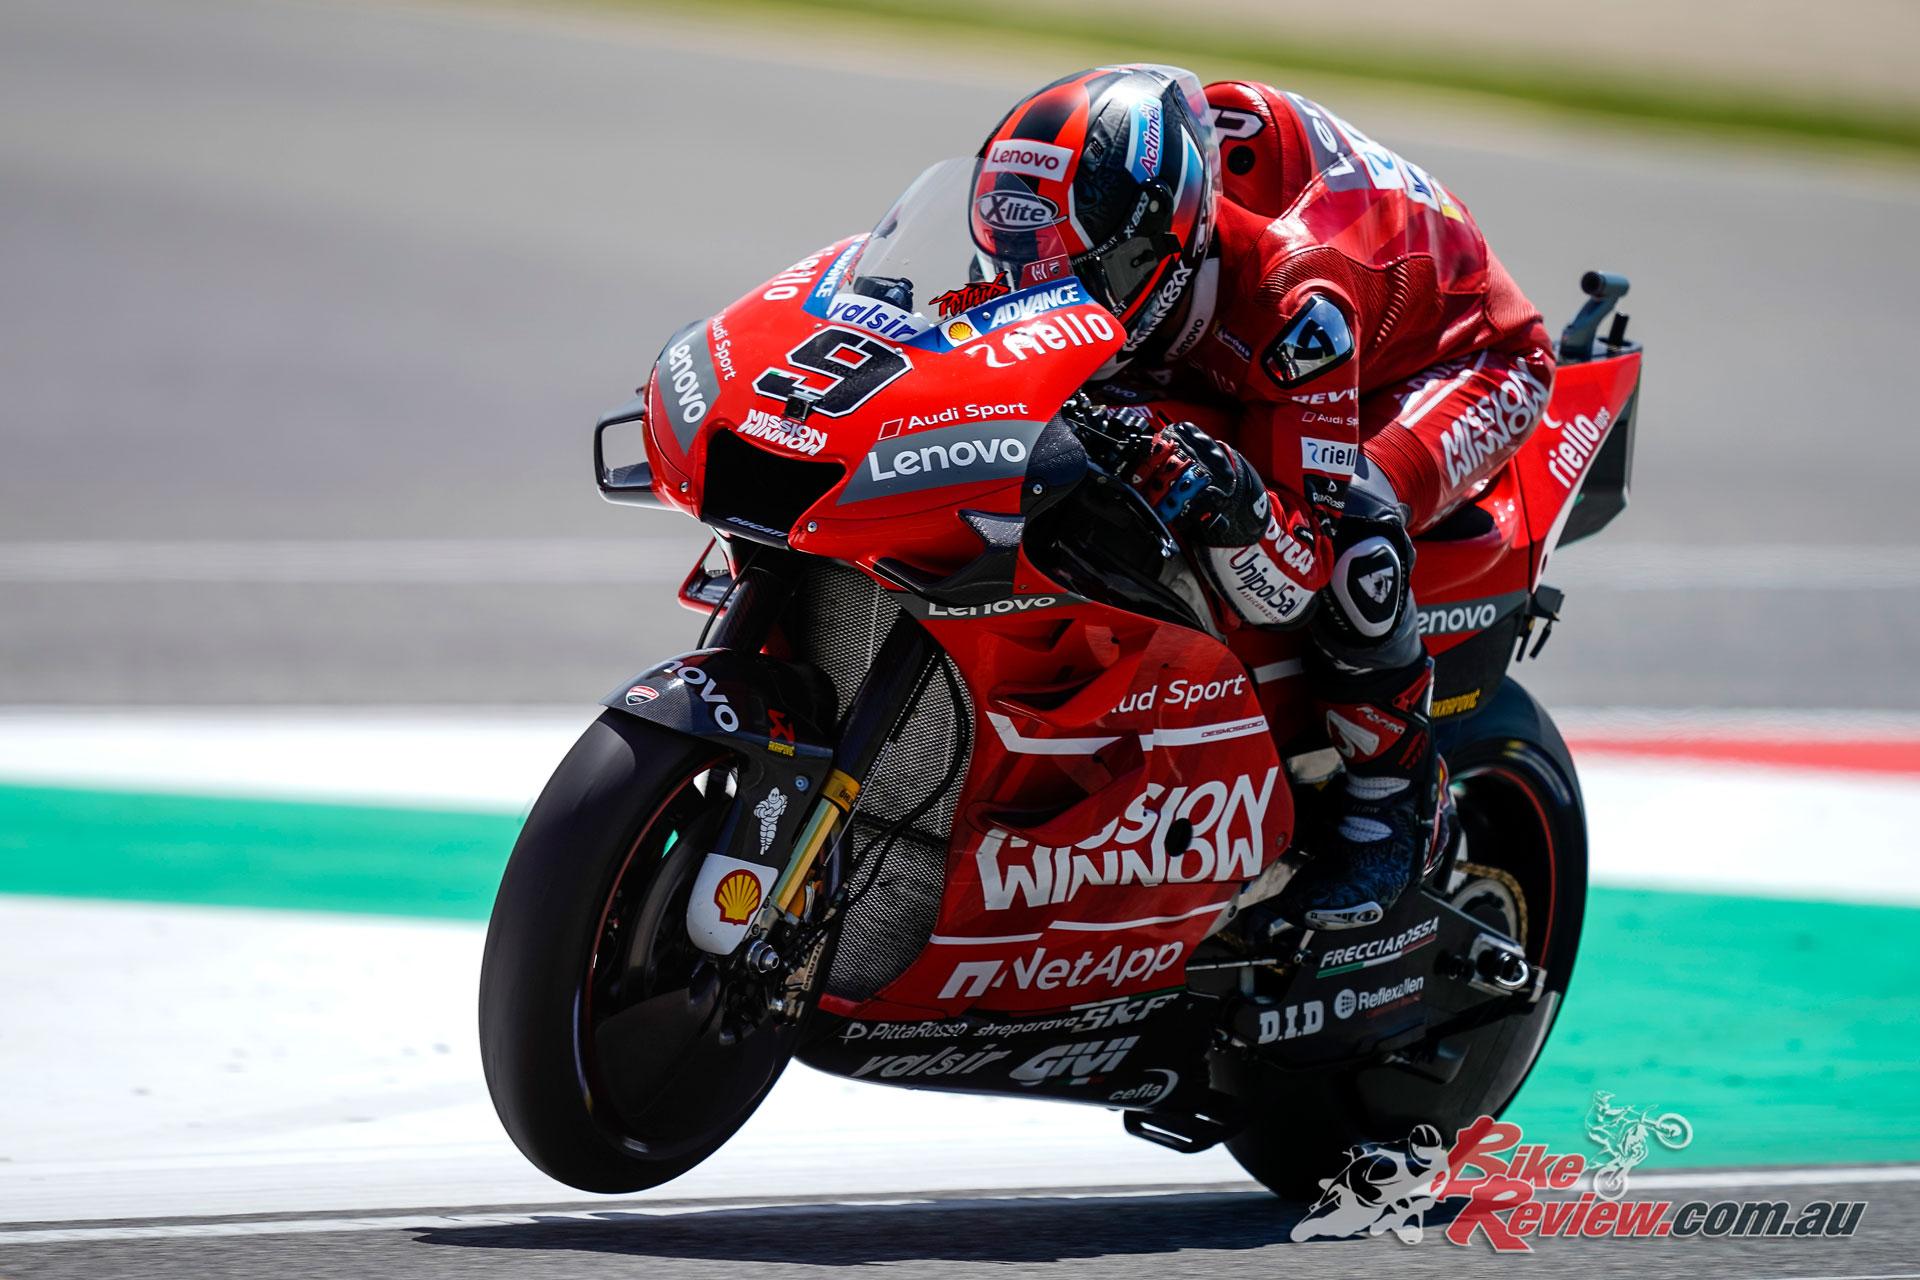 Danilo Petrucci - Mugello MotoGP 2019